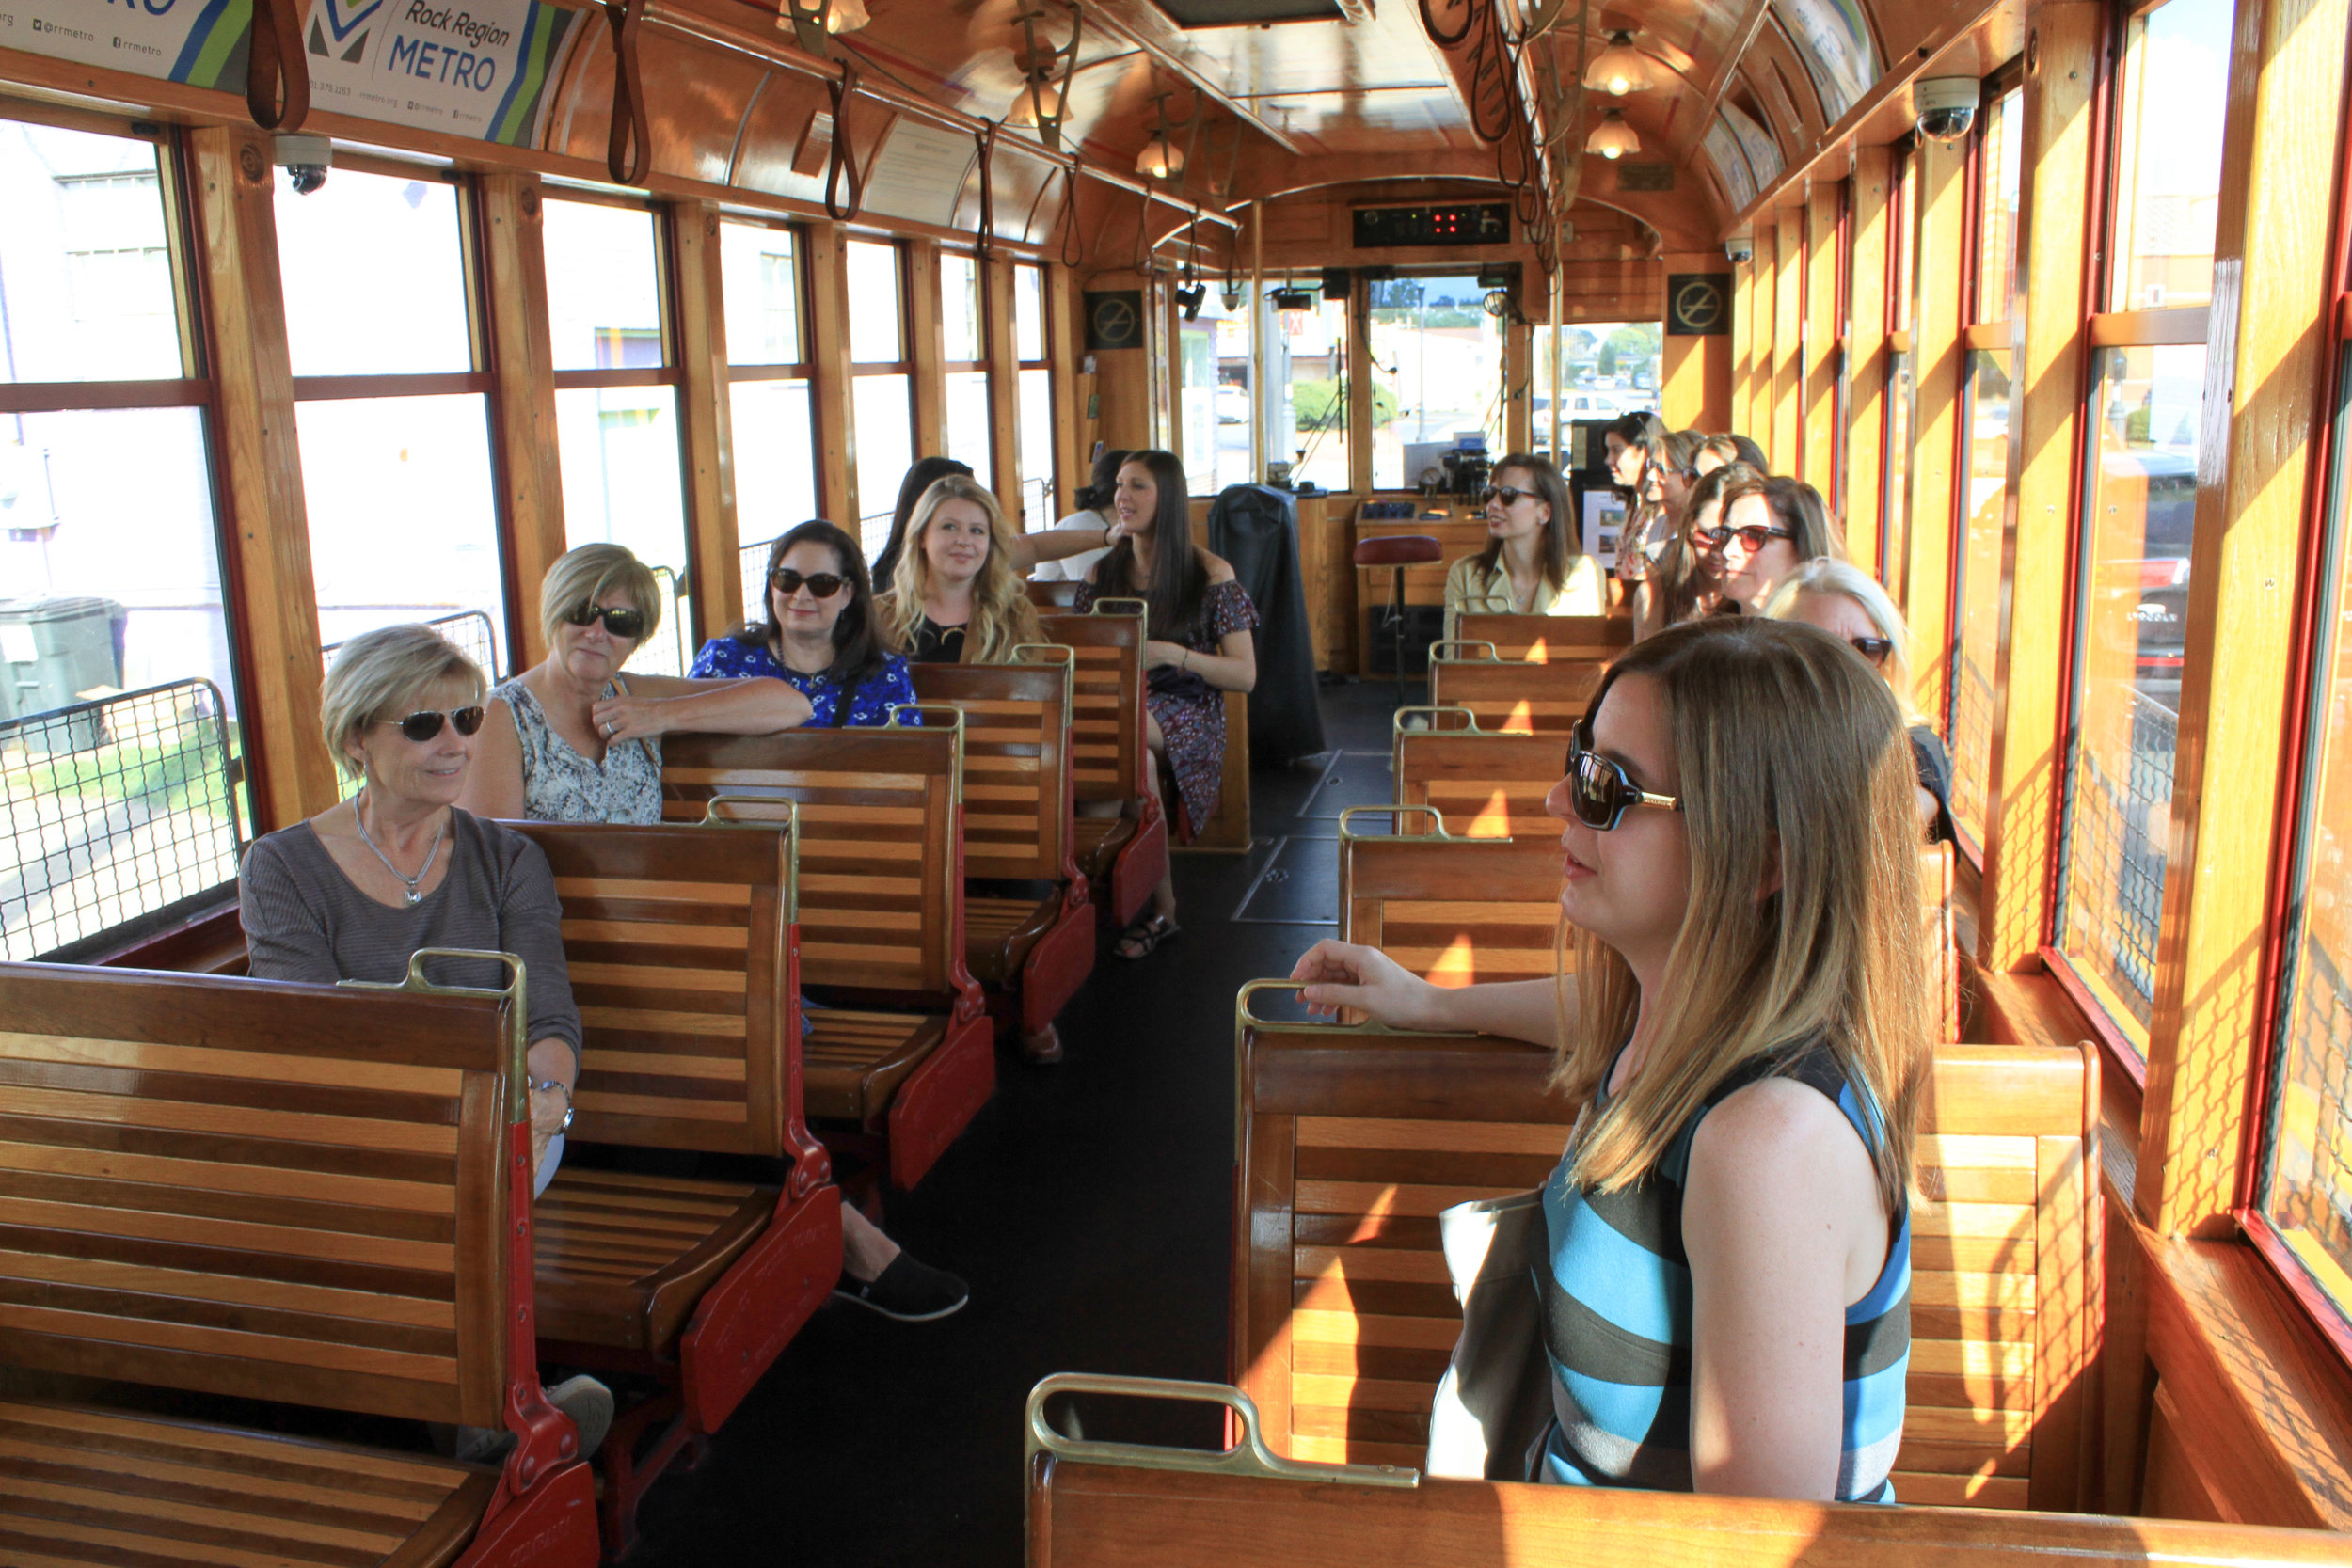 Trolley Ride in Downtown Little Rock